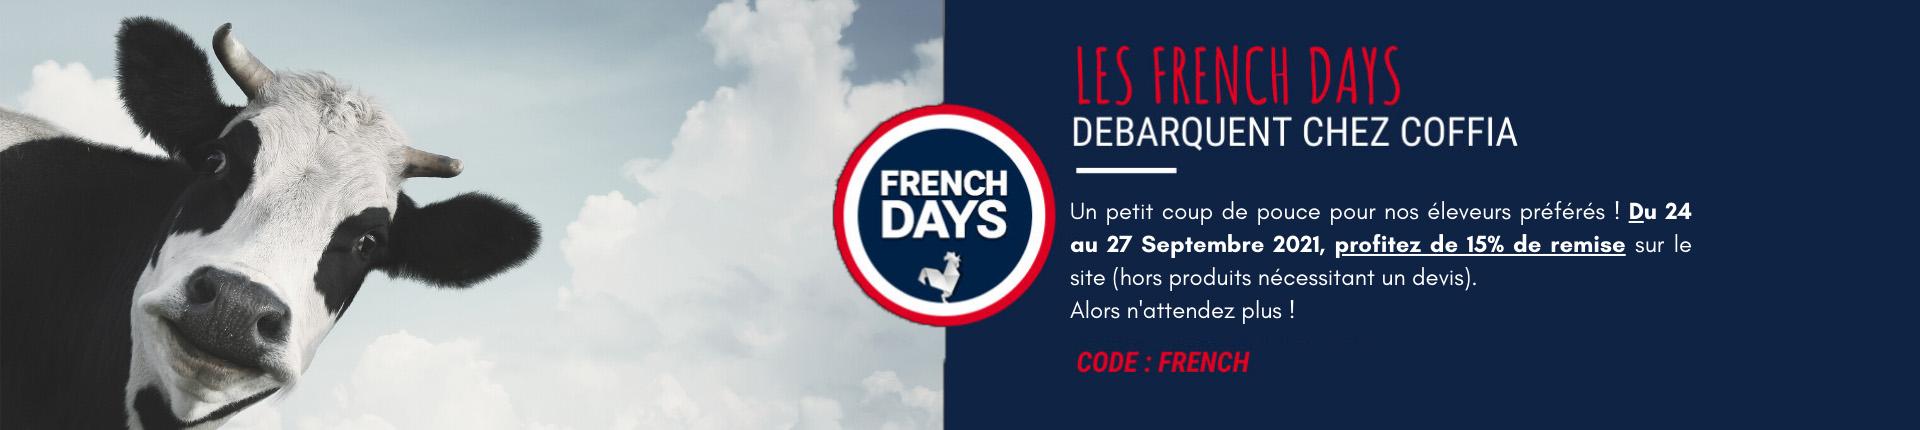 COFFIA - French Days 2021